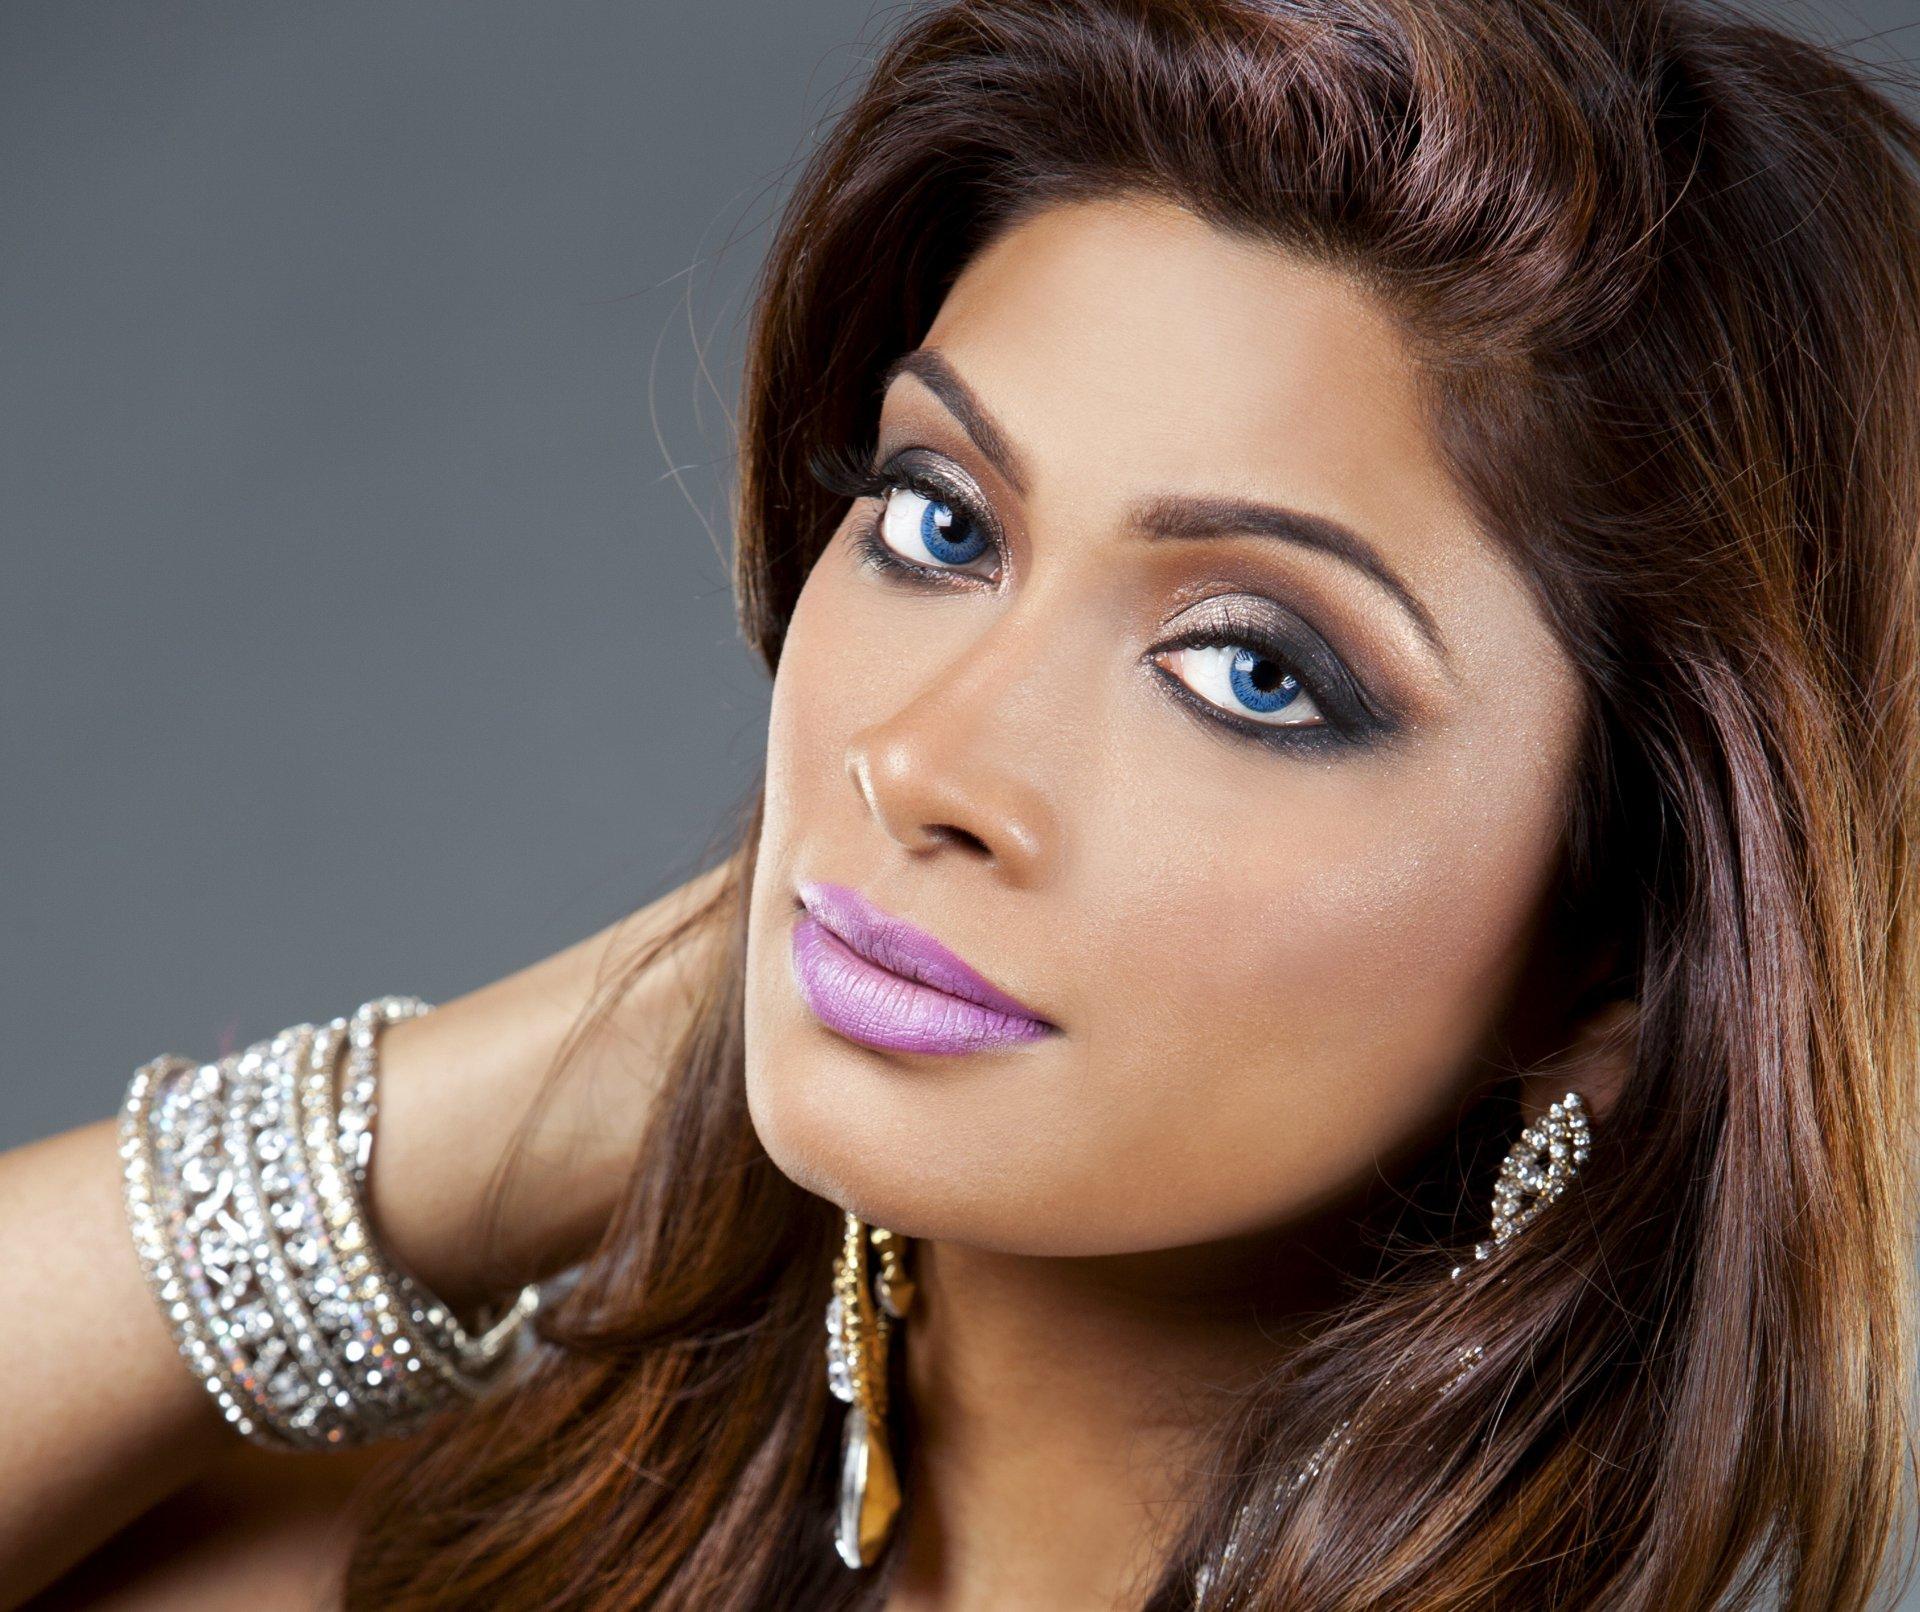 Девушки фота красивые индианки